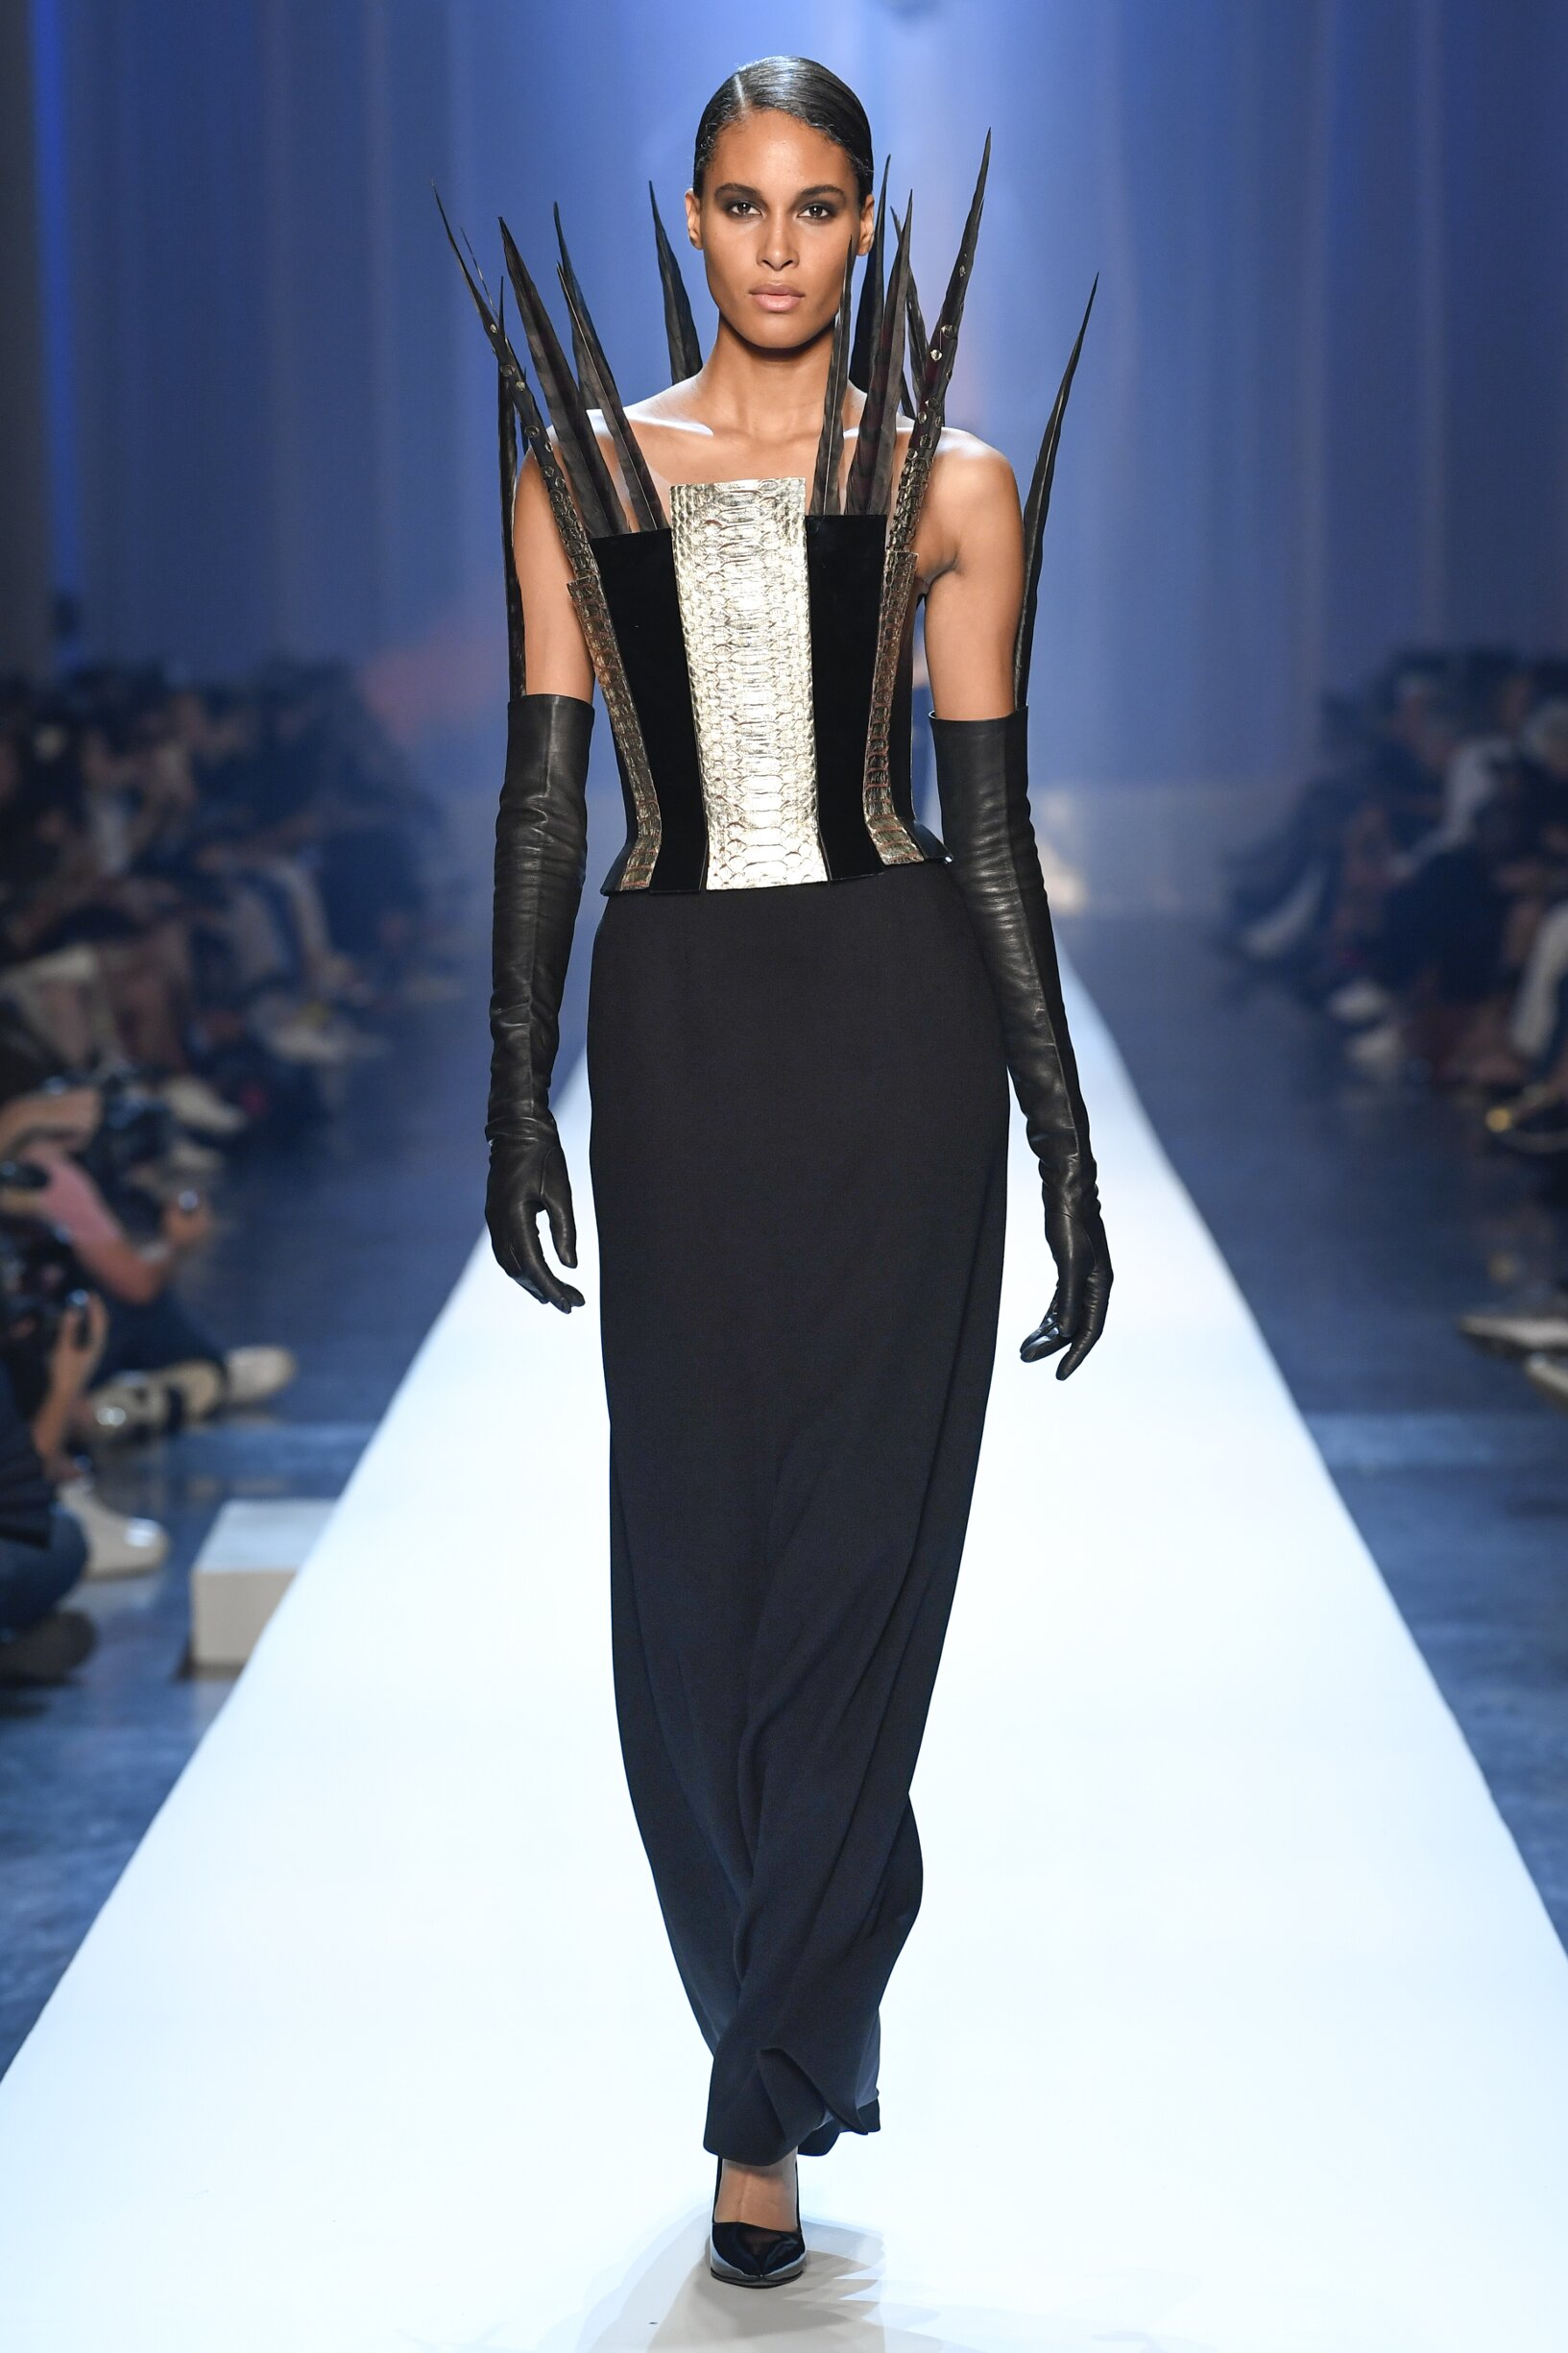 Womenswear Fashion 2018 19 Catwalk Jean-Paul Gaultier Haute Couture